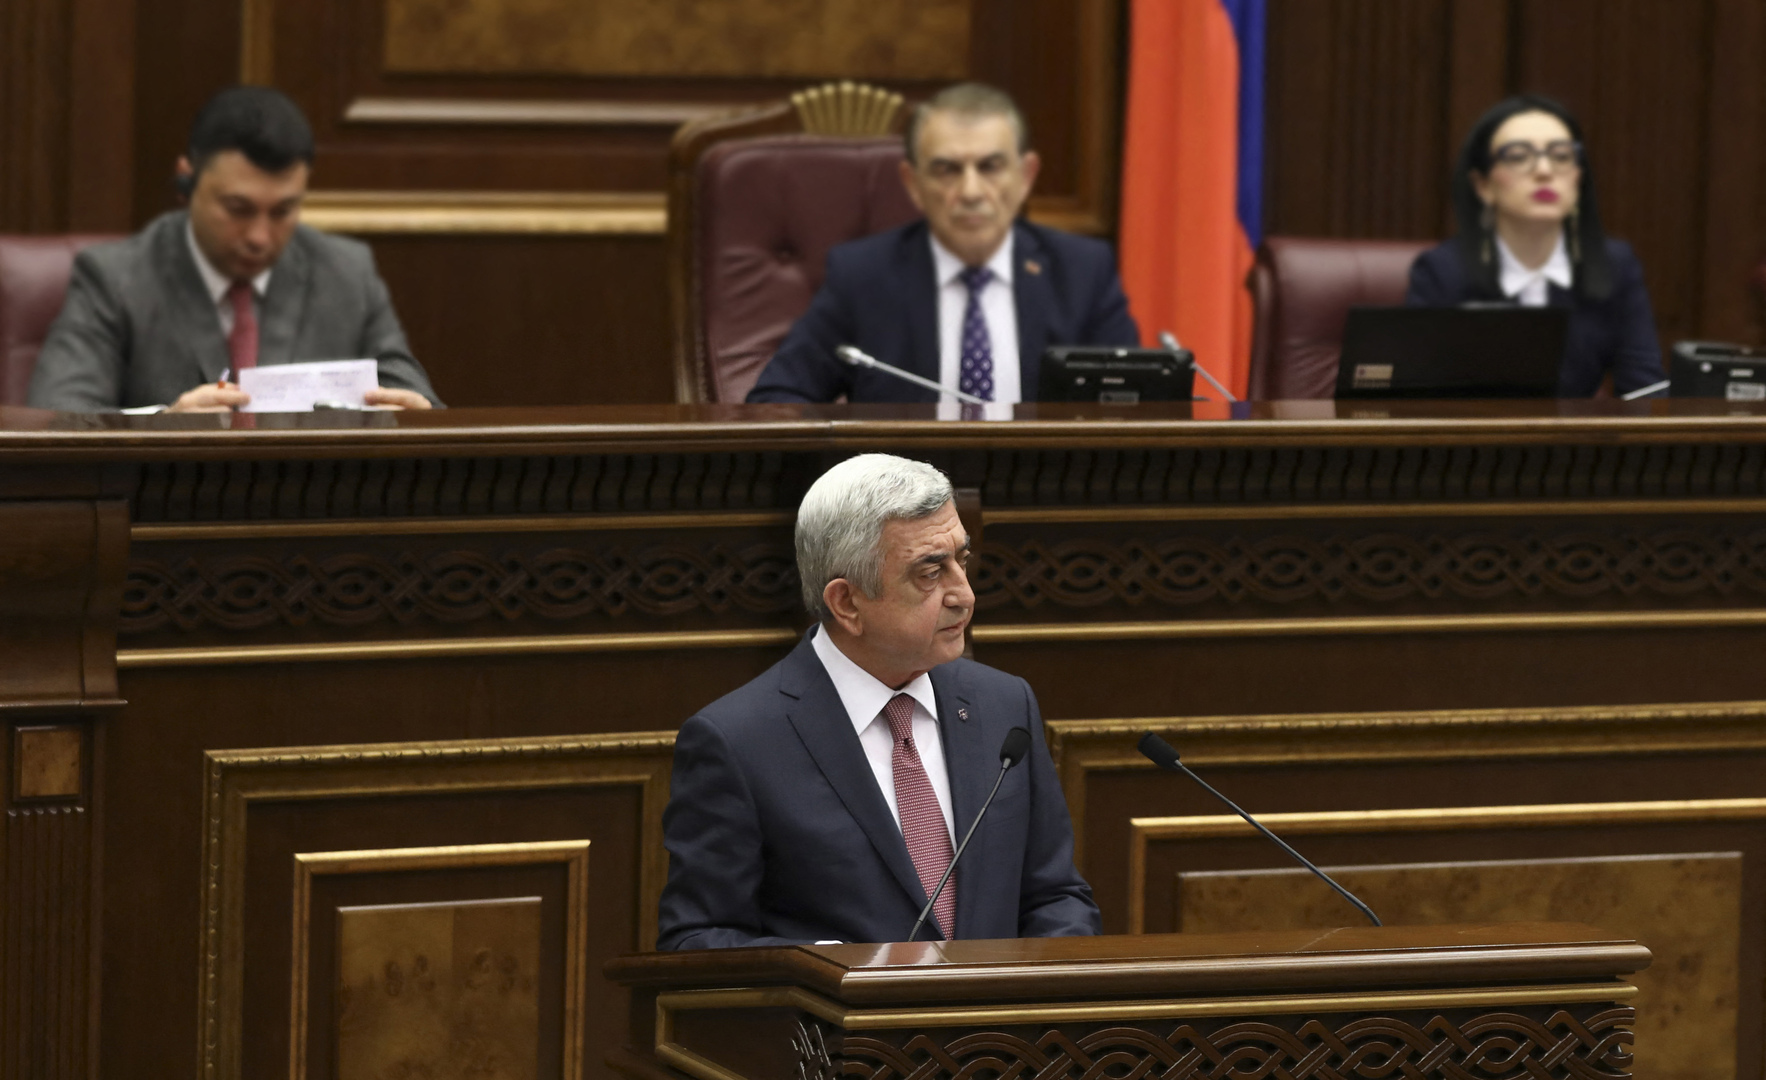 الرئيس الأرمني السابق سيرج سركسيان